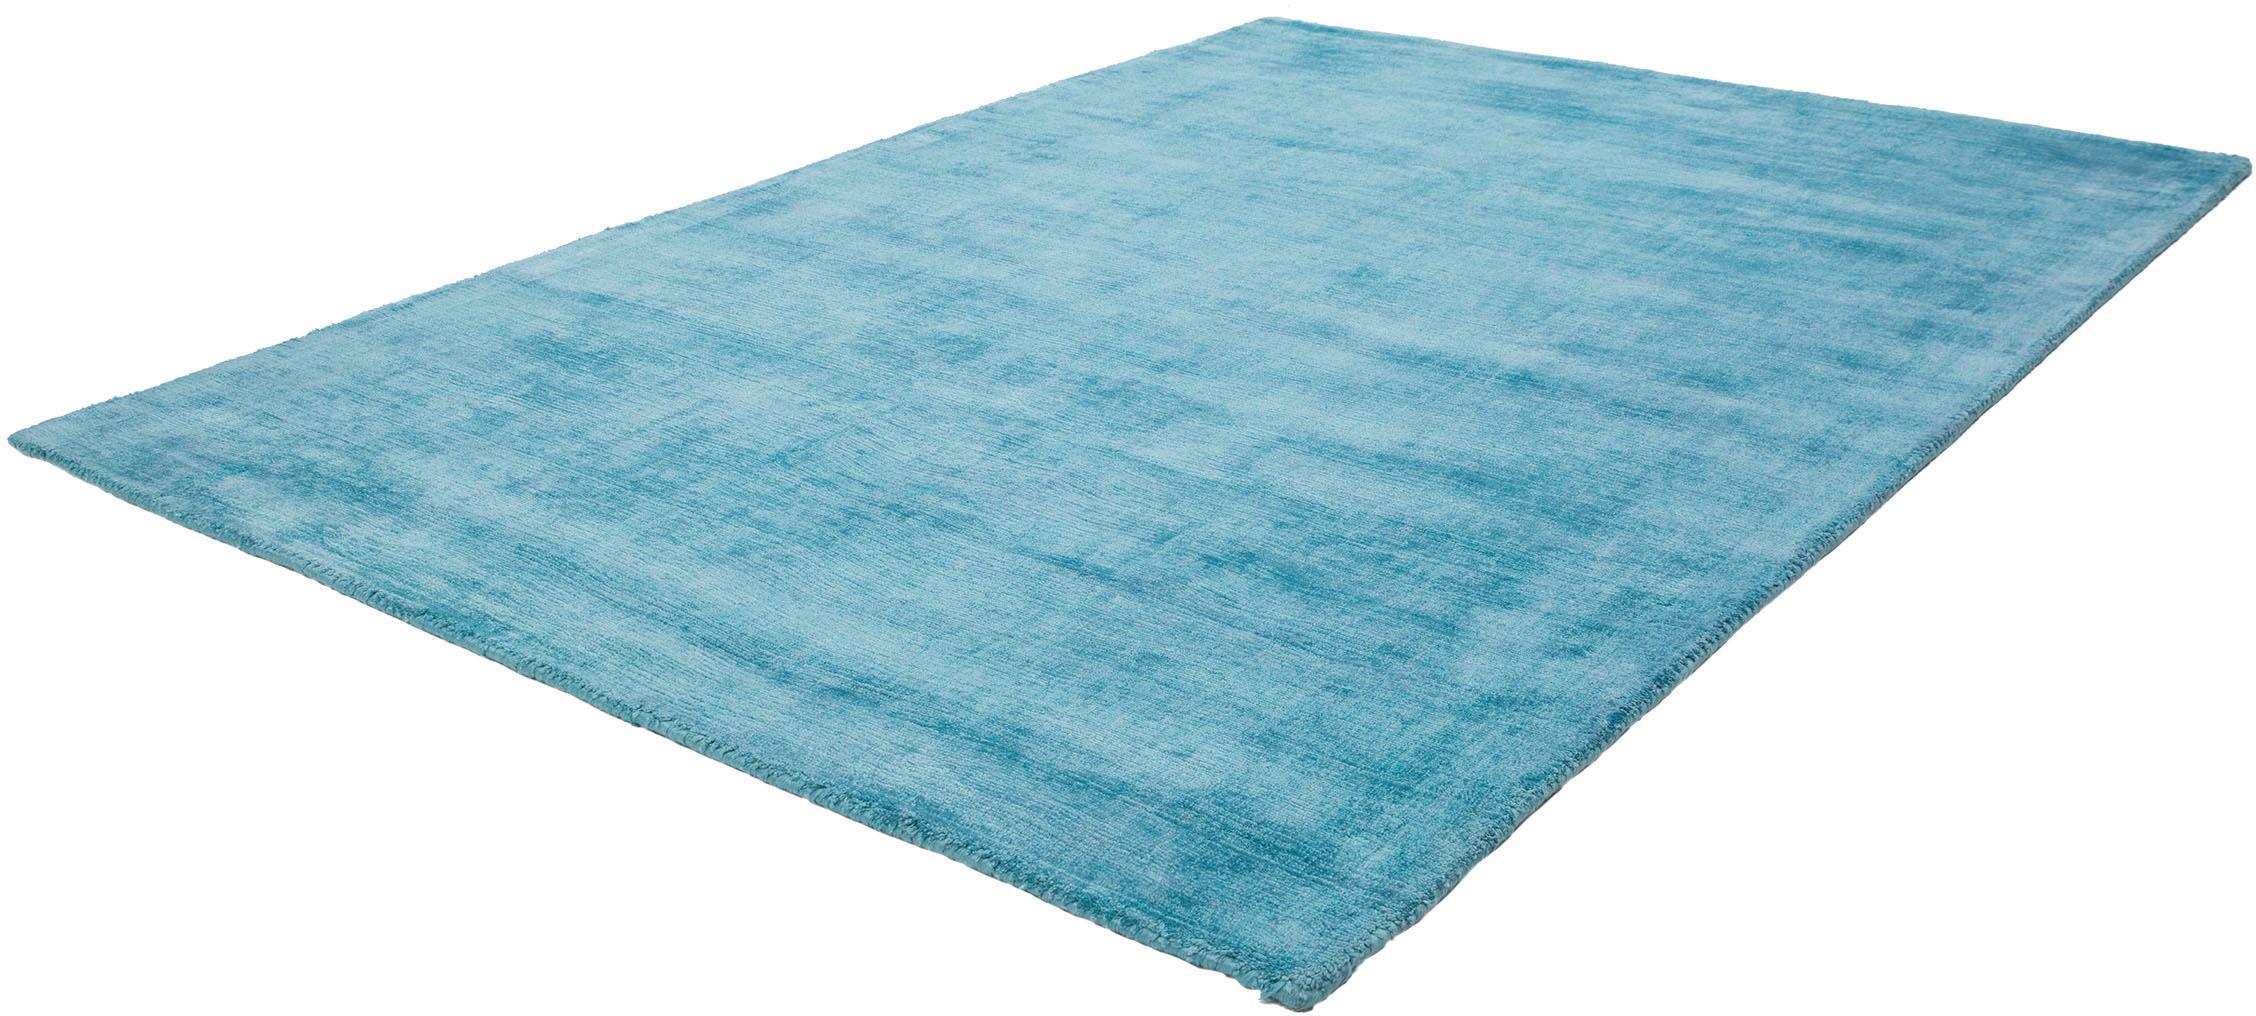 Teppich My Maori 220 Obsession rechteckig Höhe 13 mm handgewebt